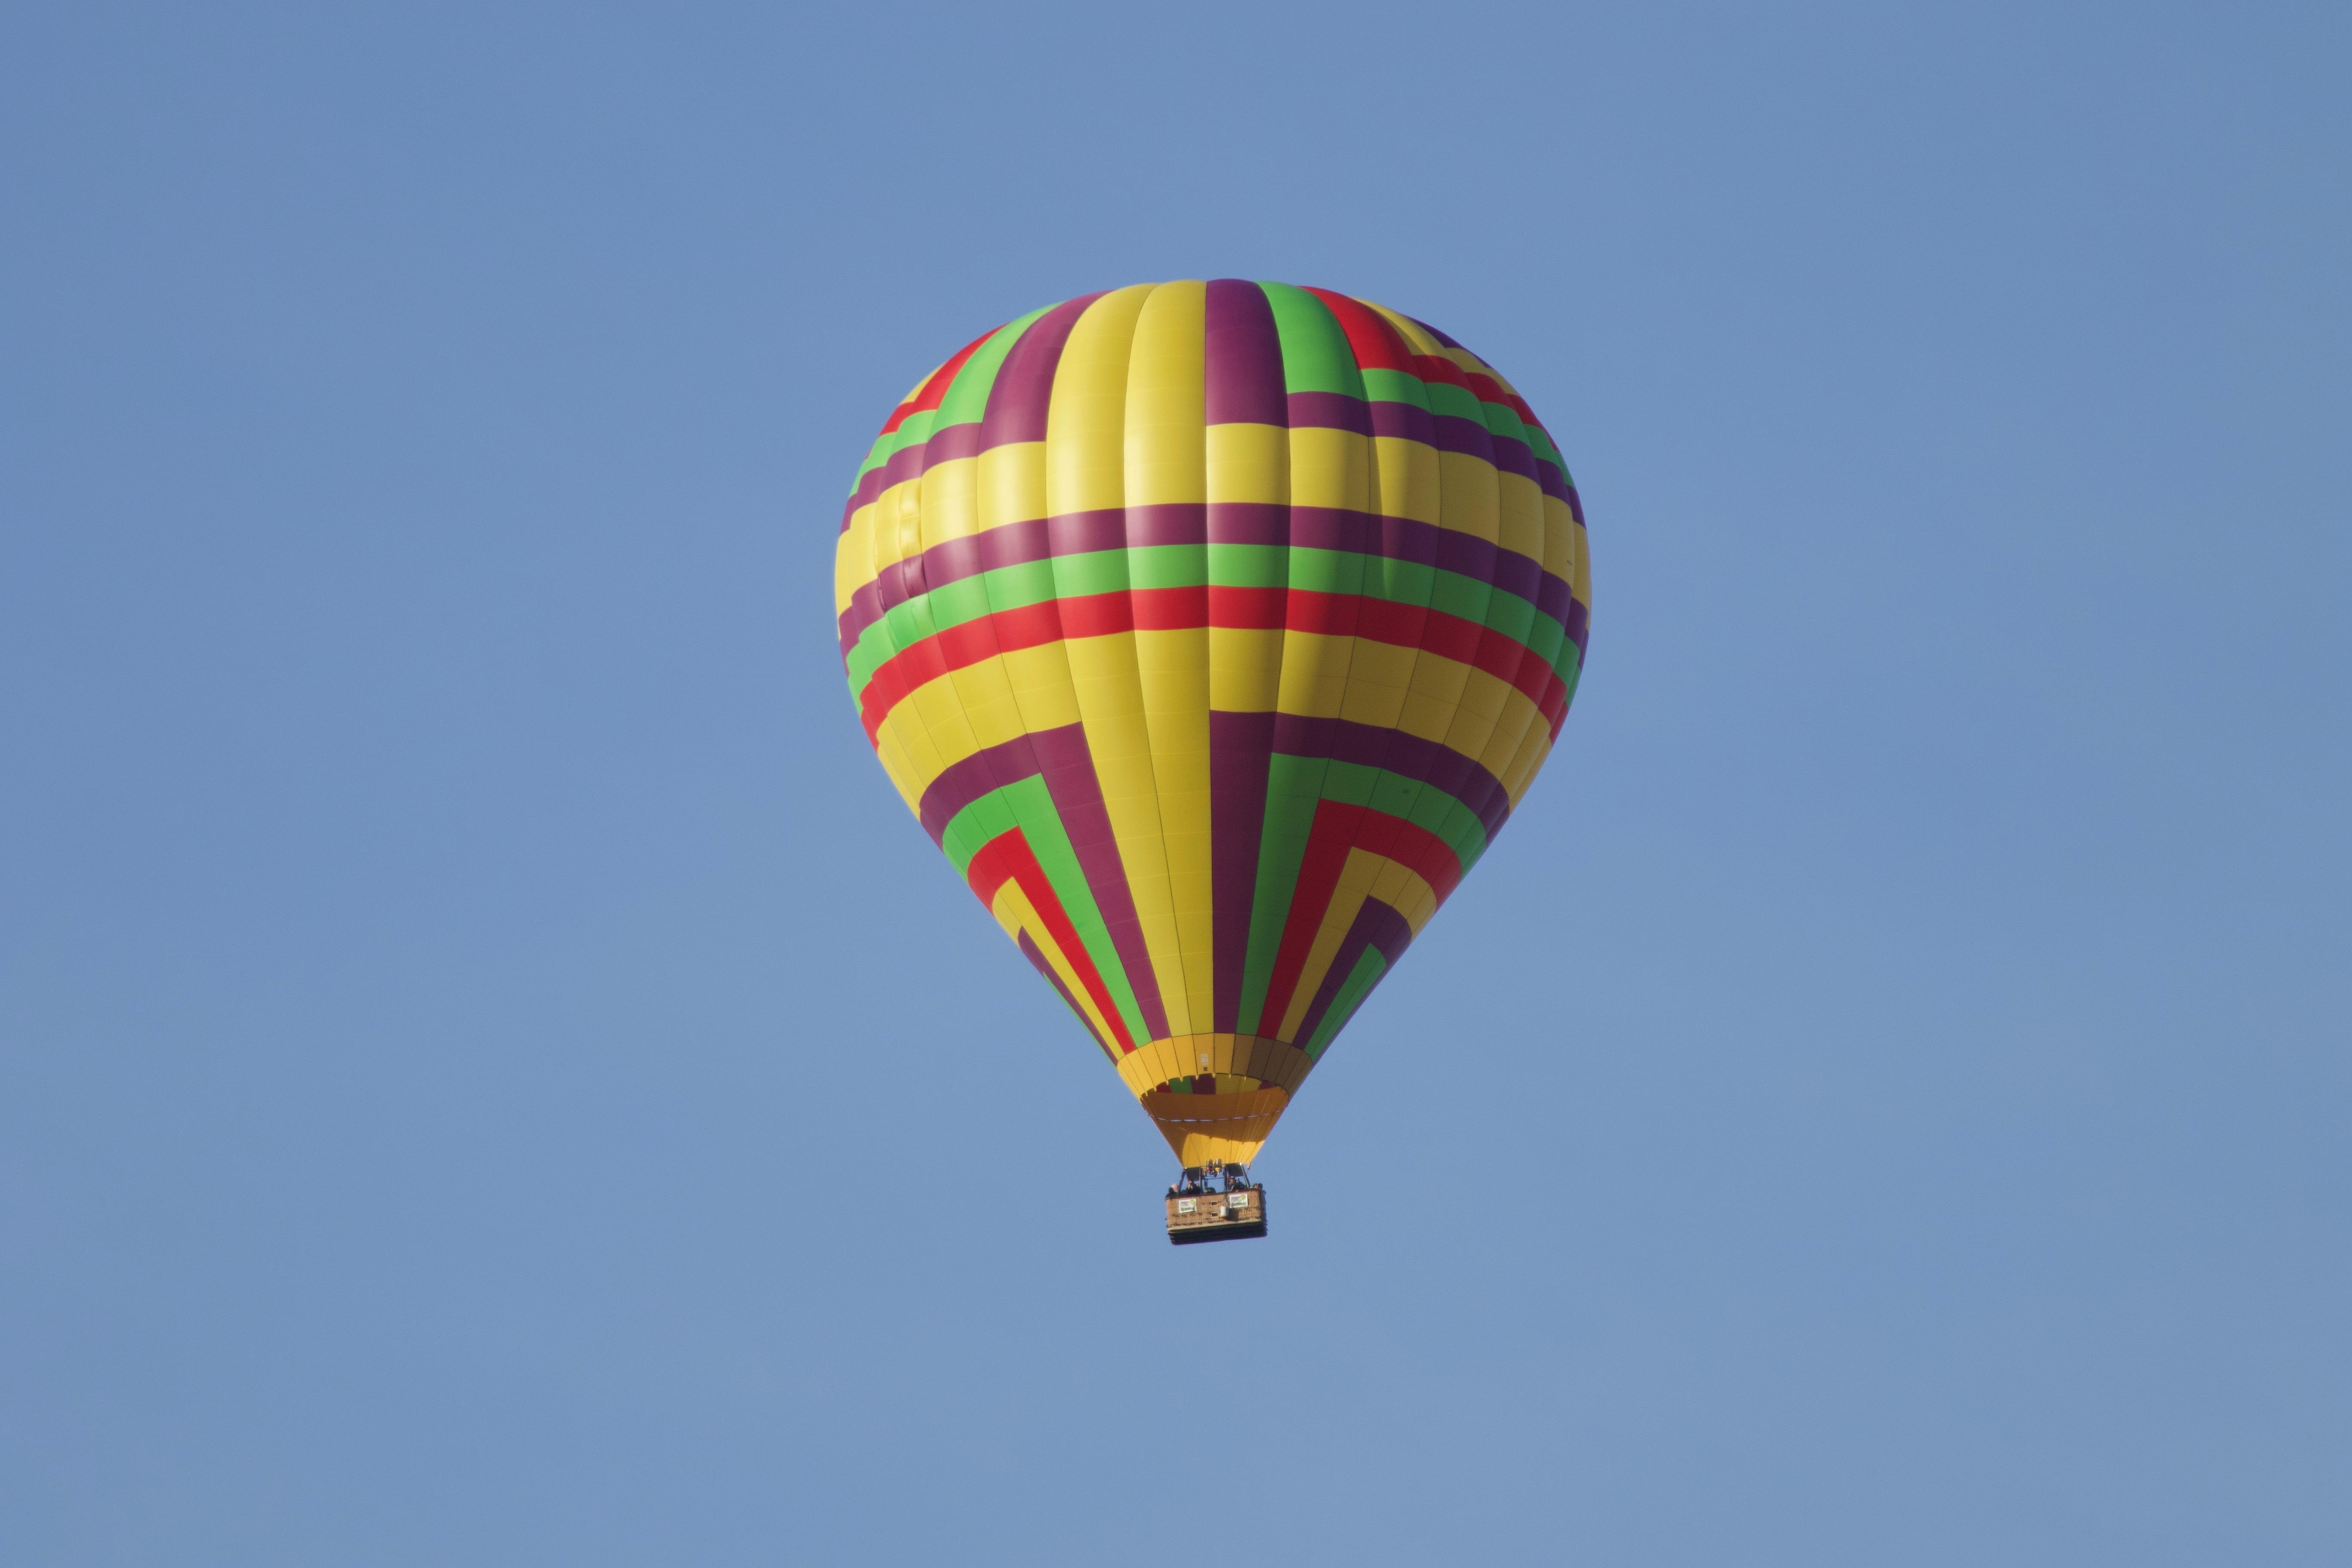 Загинал и ранени след падане на туристически балон в Египет